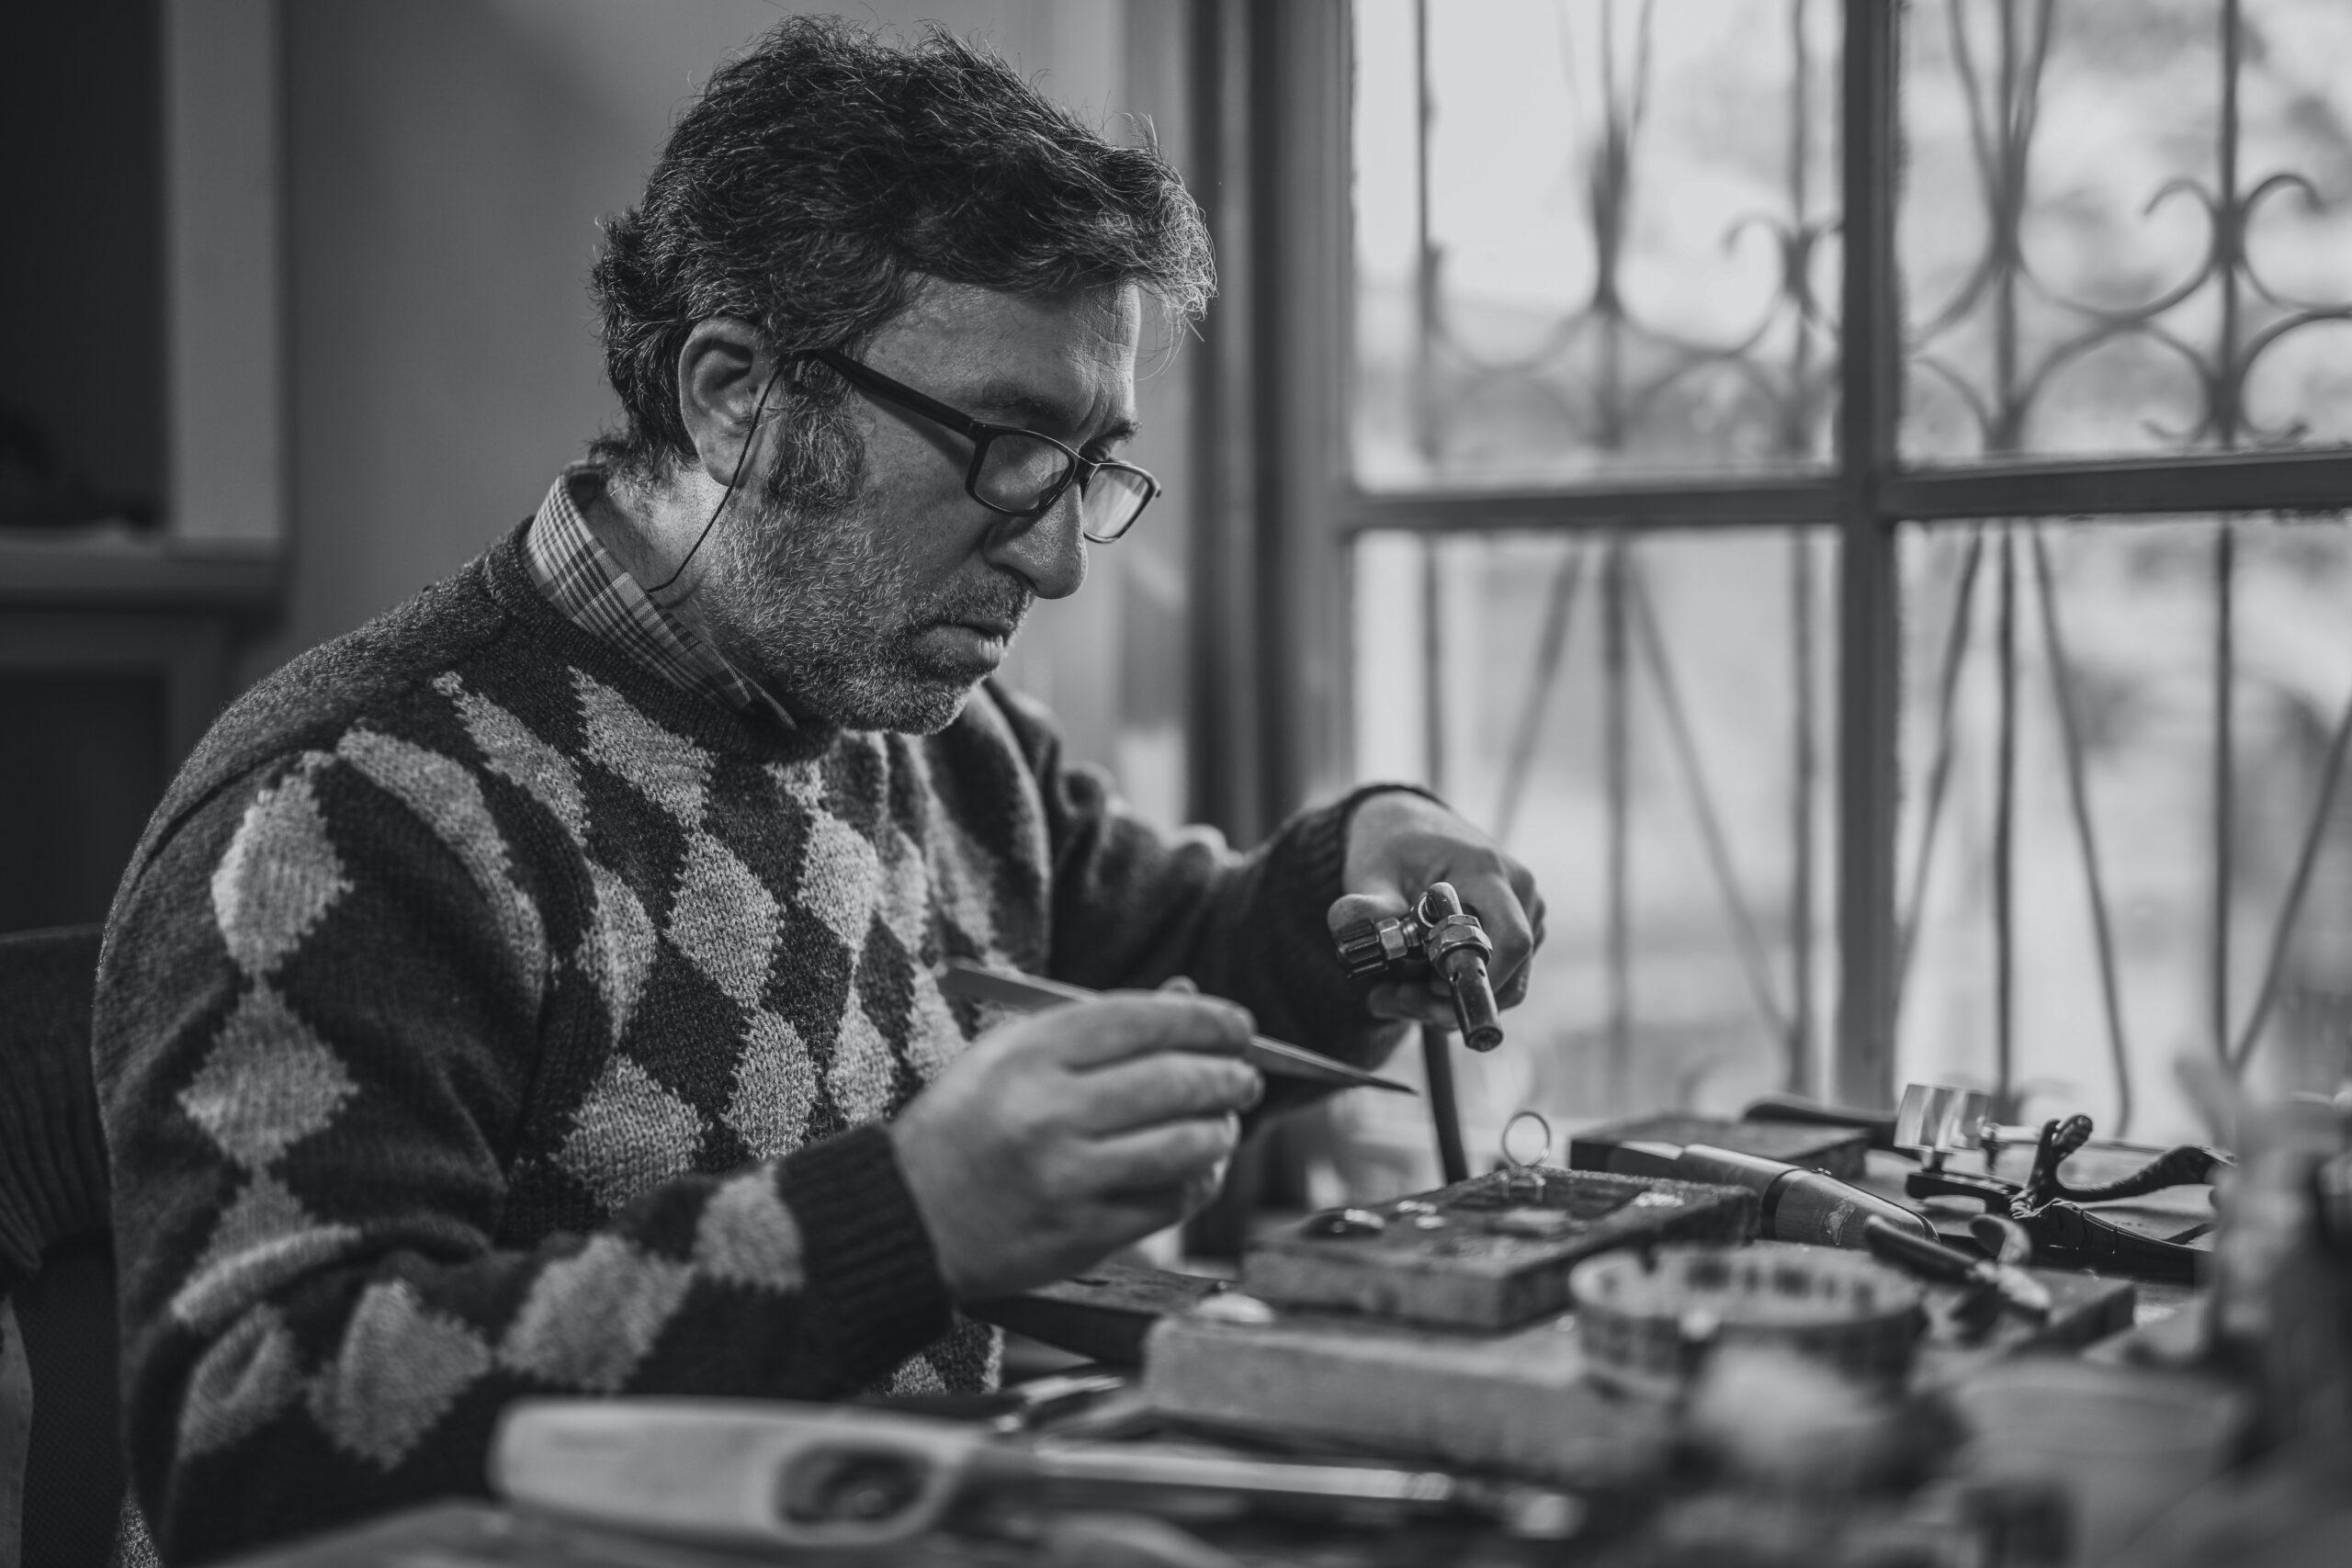 Credito esercizio 2.0 per artigiani, finanziamento a tasso agevolato